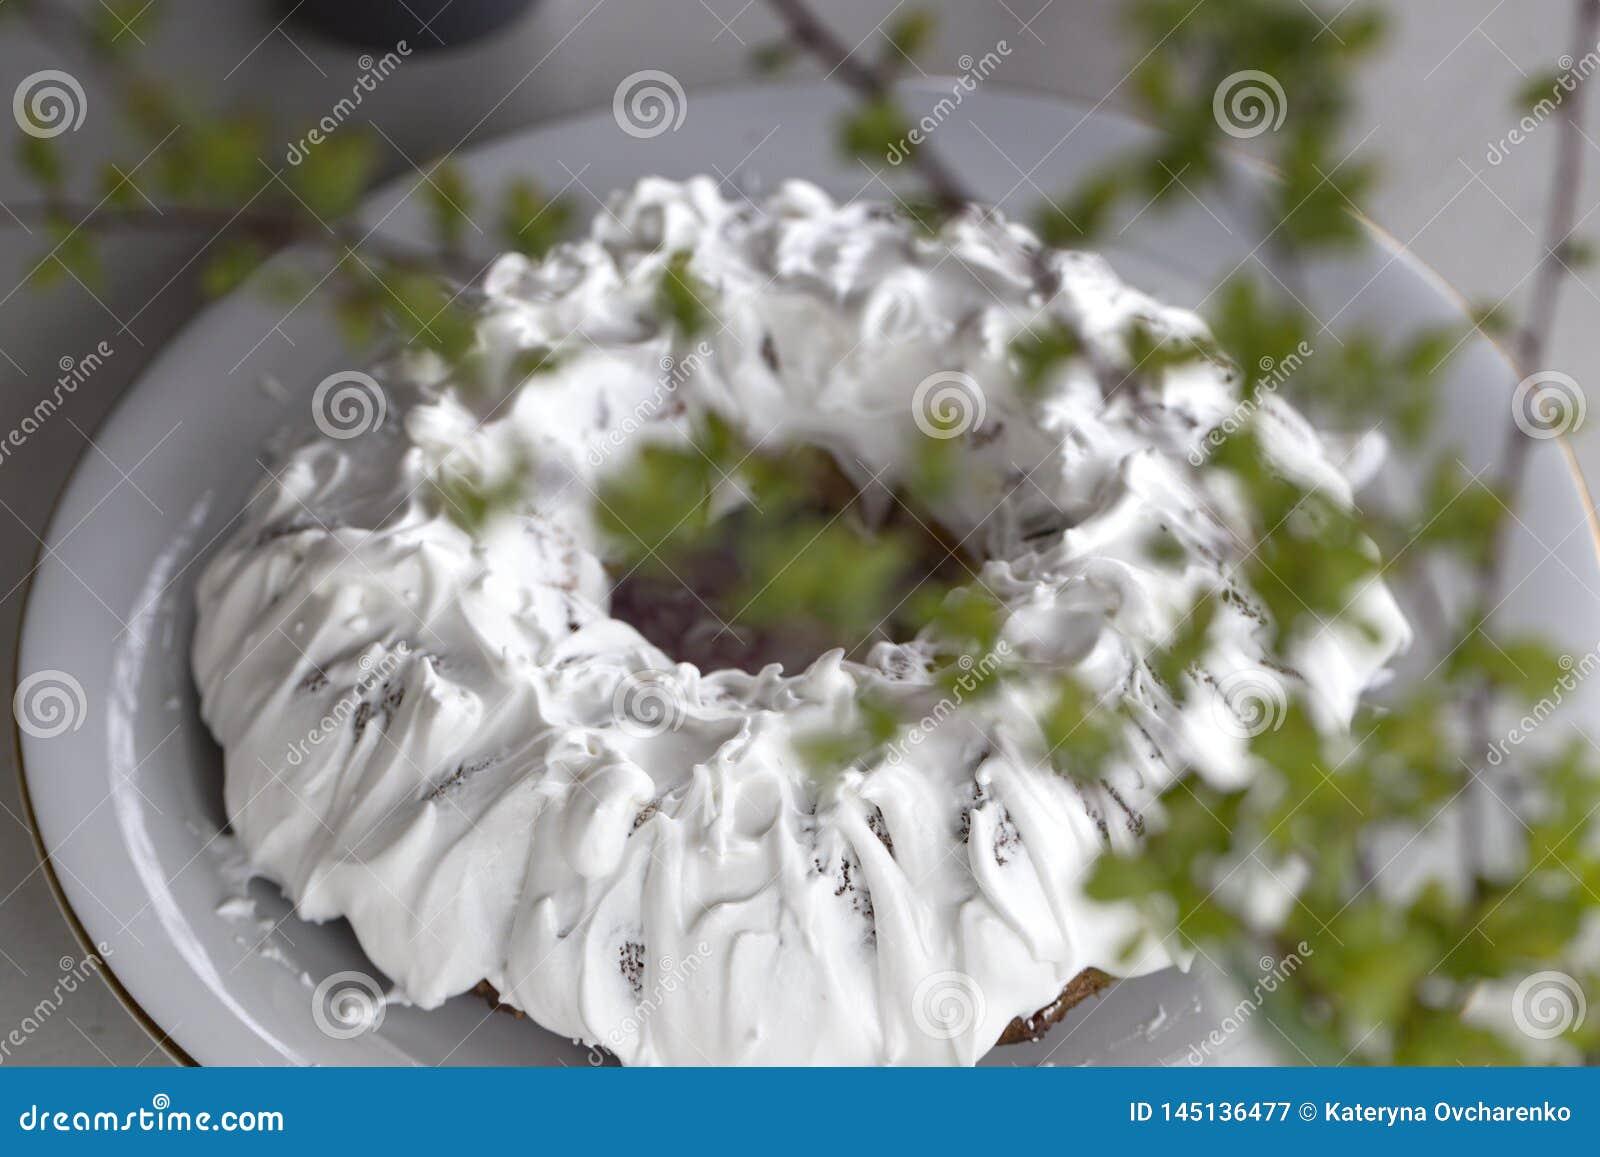 Bolo caseiro com ch? Bolo com Sugar Icing Bolo caseiro sob a forma de um anel com os copos do ch? ou do caf? na tabela branca